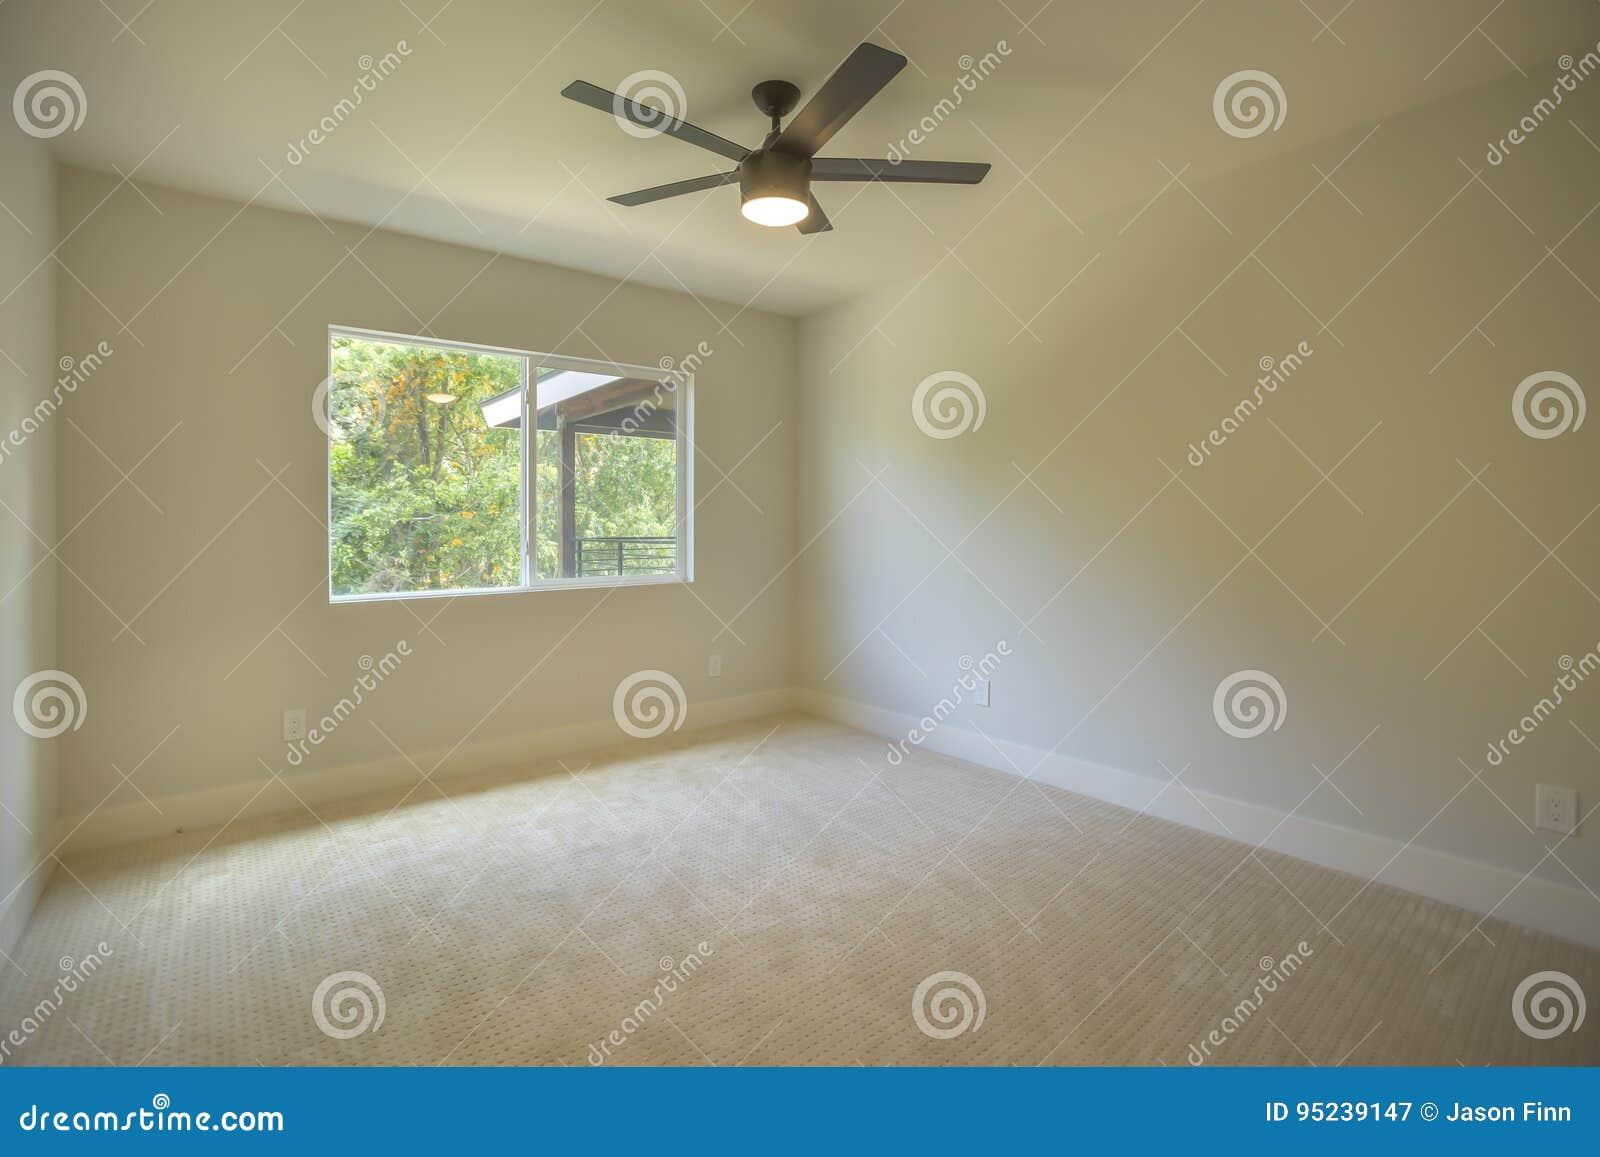 Slaapkamer Met Tapijt : Lege slaapkamer met tapijt en plafondventilator stock afbeelding